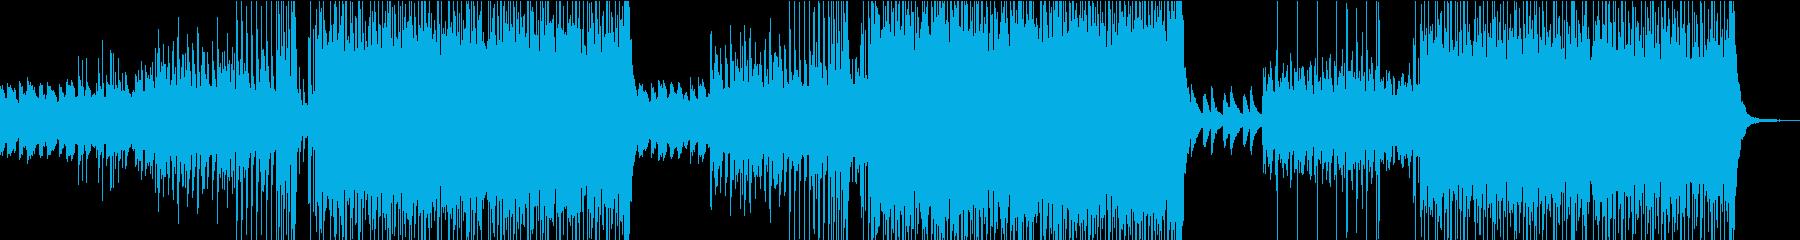 爽快感のあるEDMの再生済みの波形